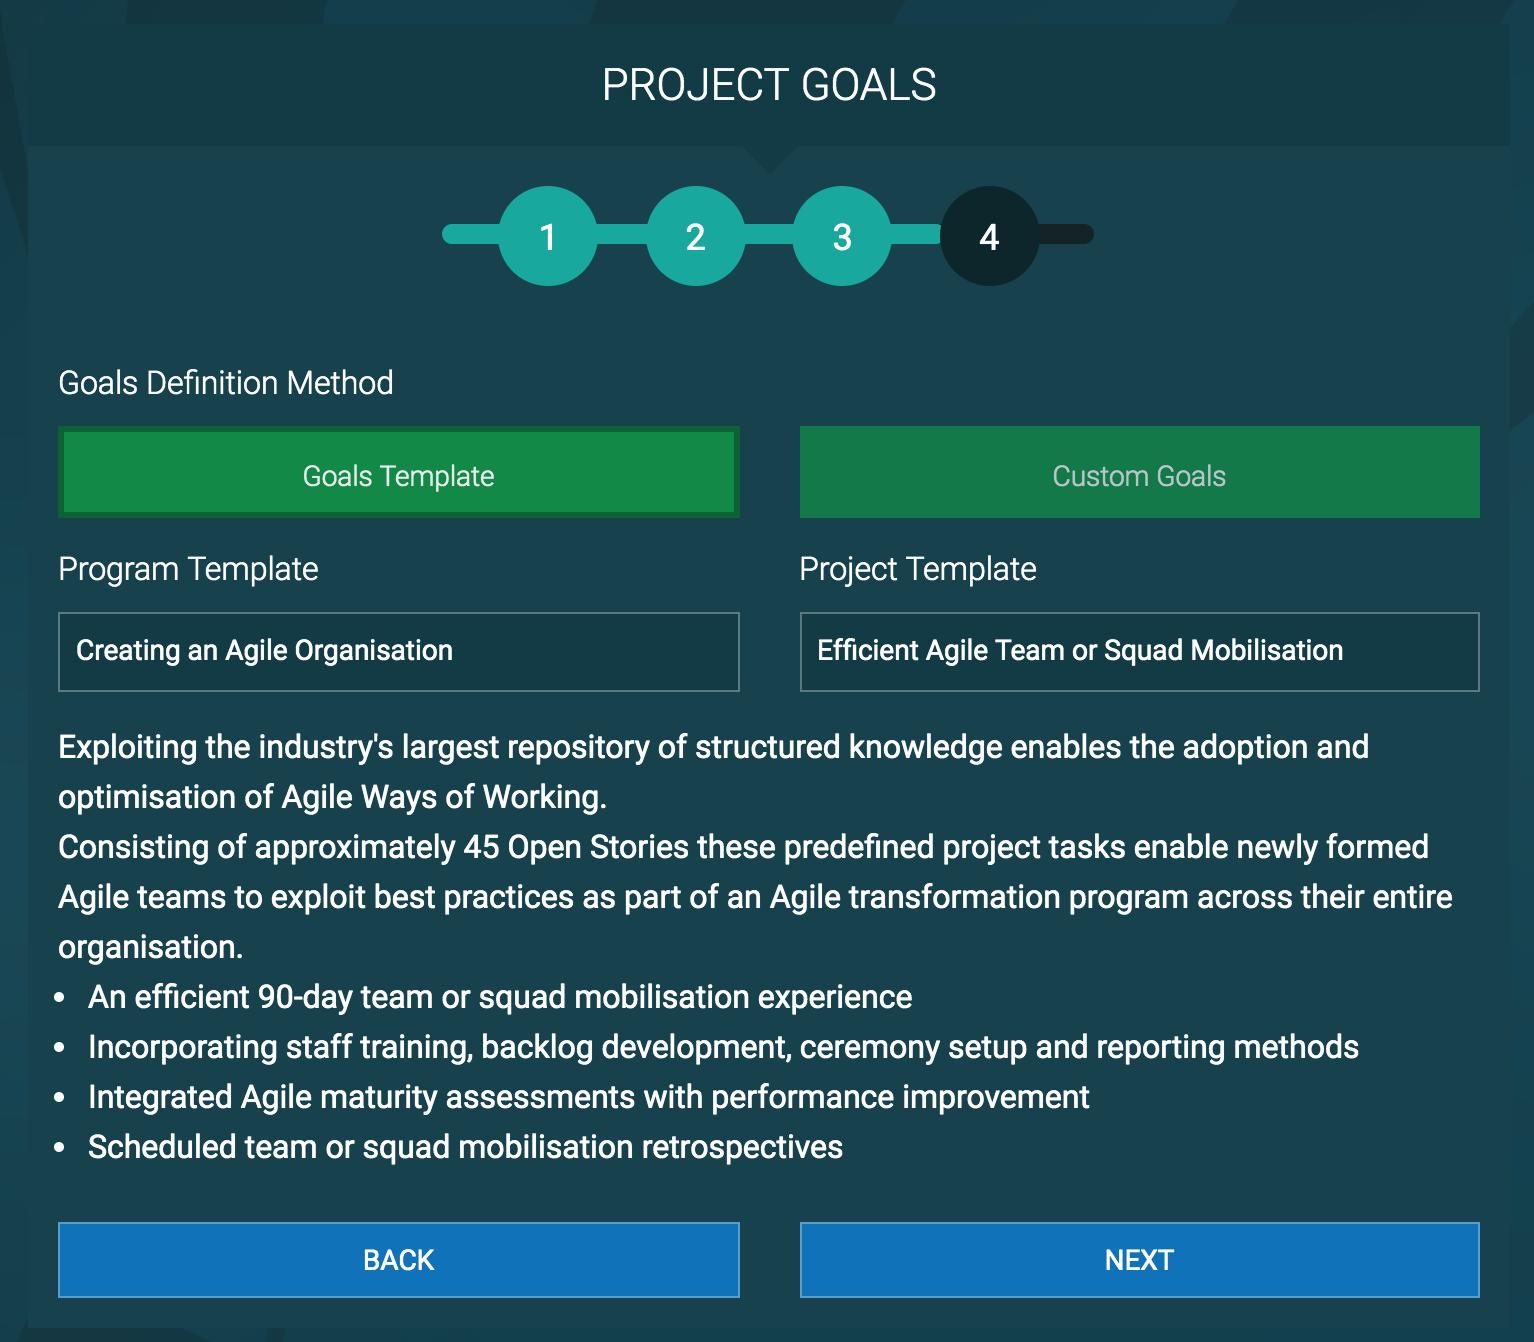 Program Template Goals